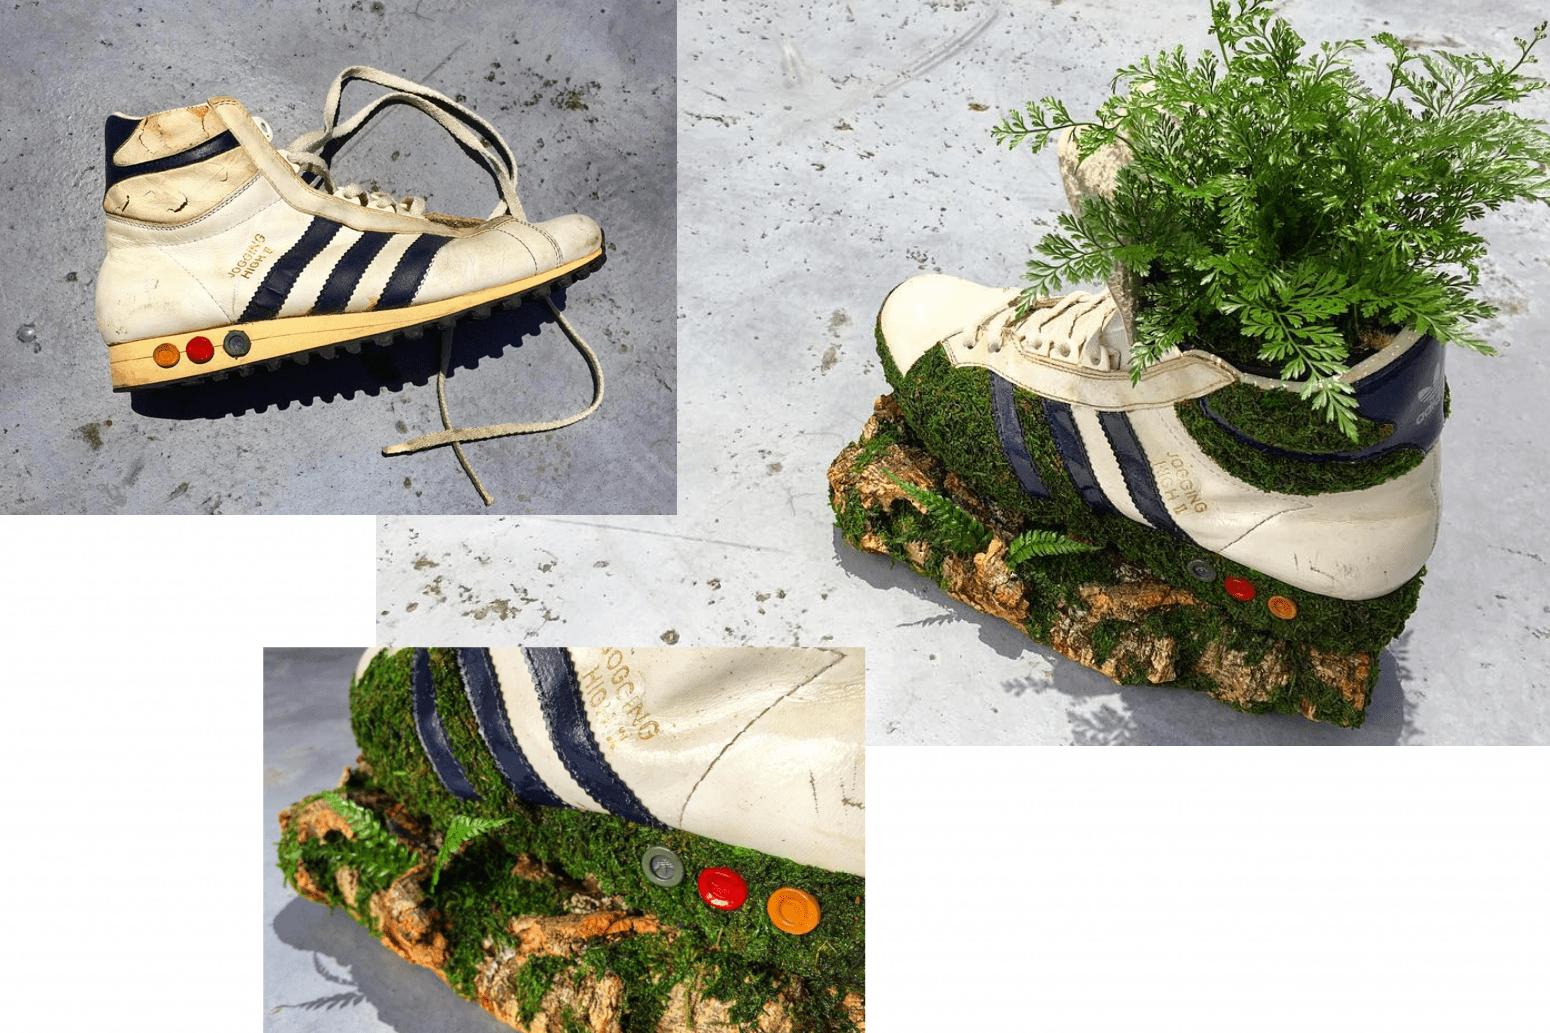 球鞋改造為跑車及手袋!HYPEBEAST 盤點 5 位備受矚目的改鞋藝術家